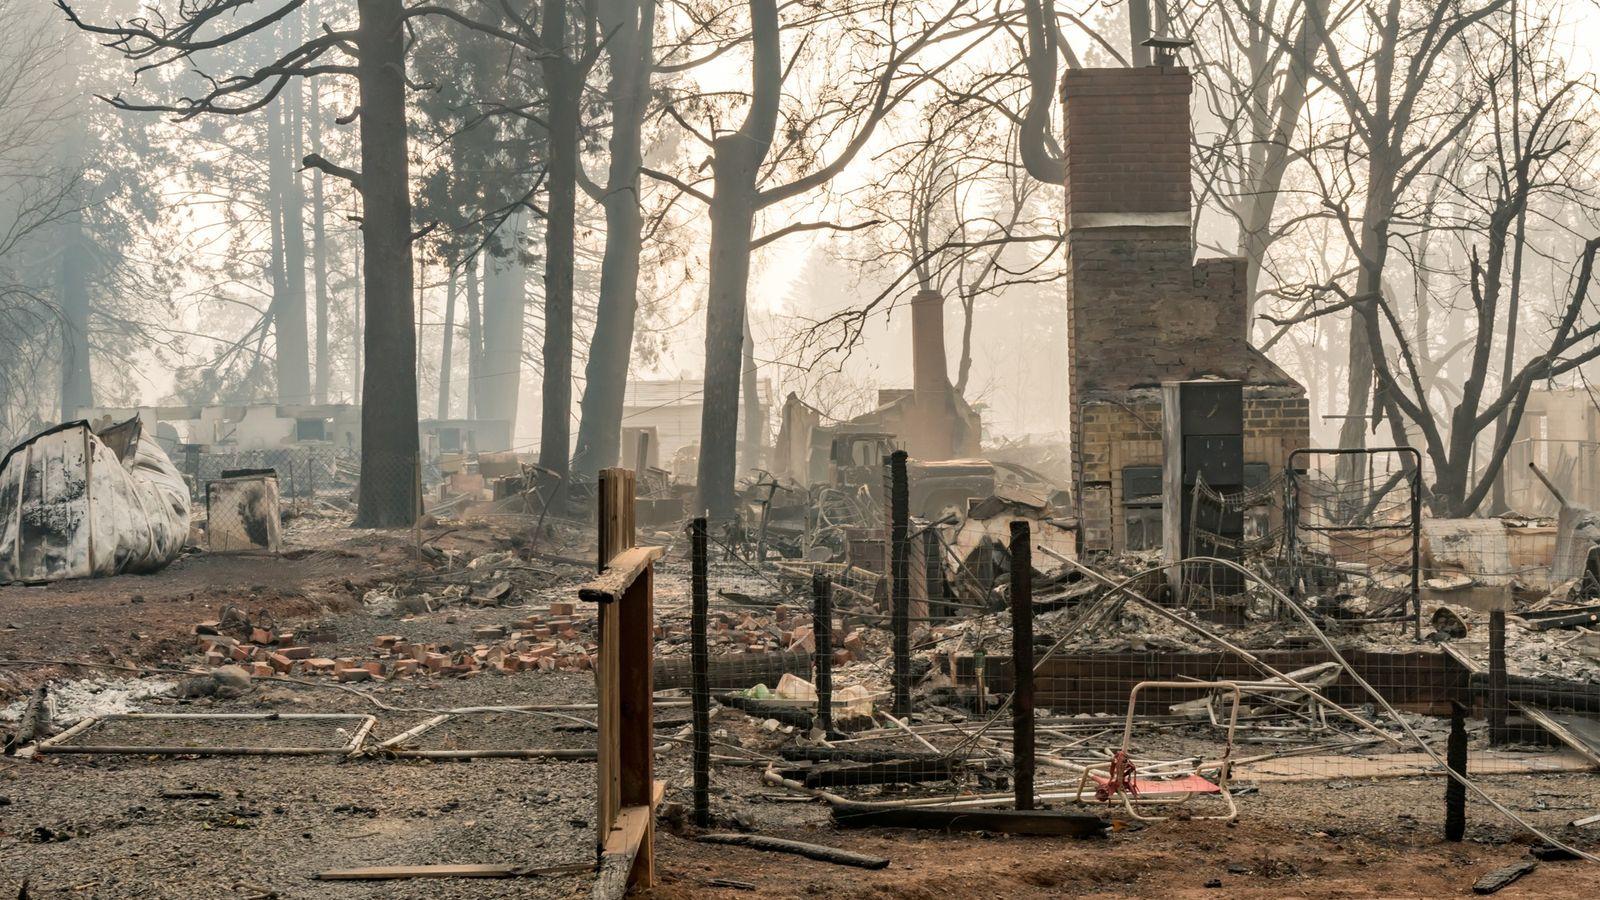 Zerstörte Siedlung  in Paradise nach Großbrand